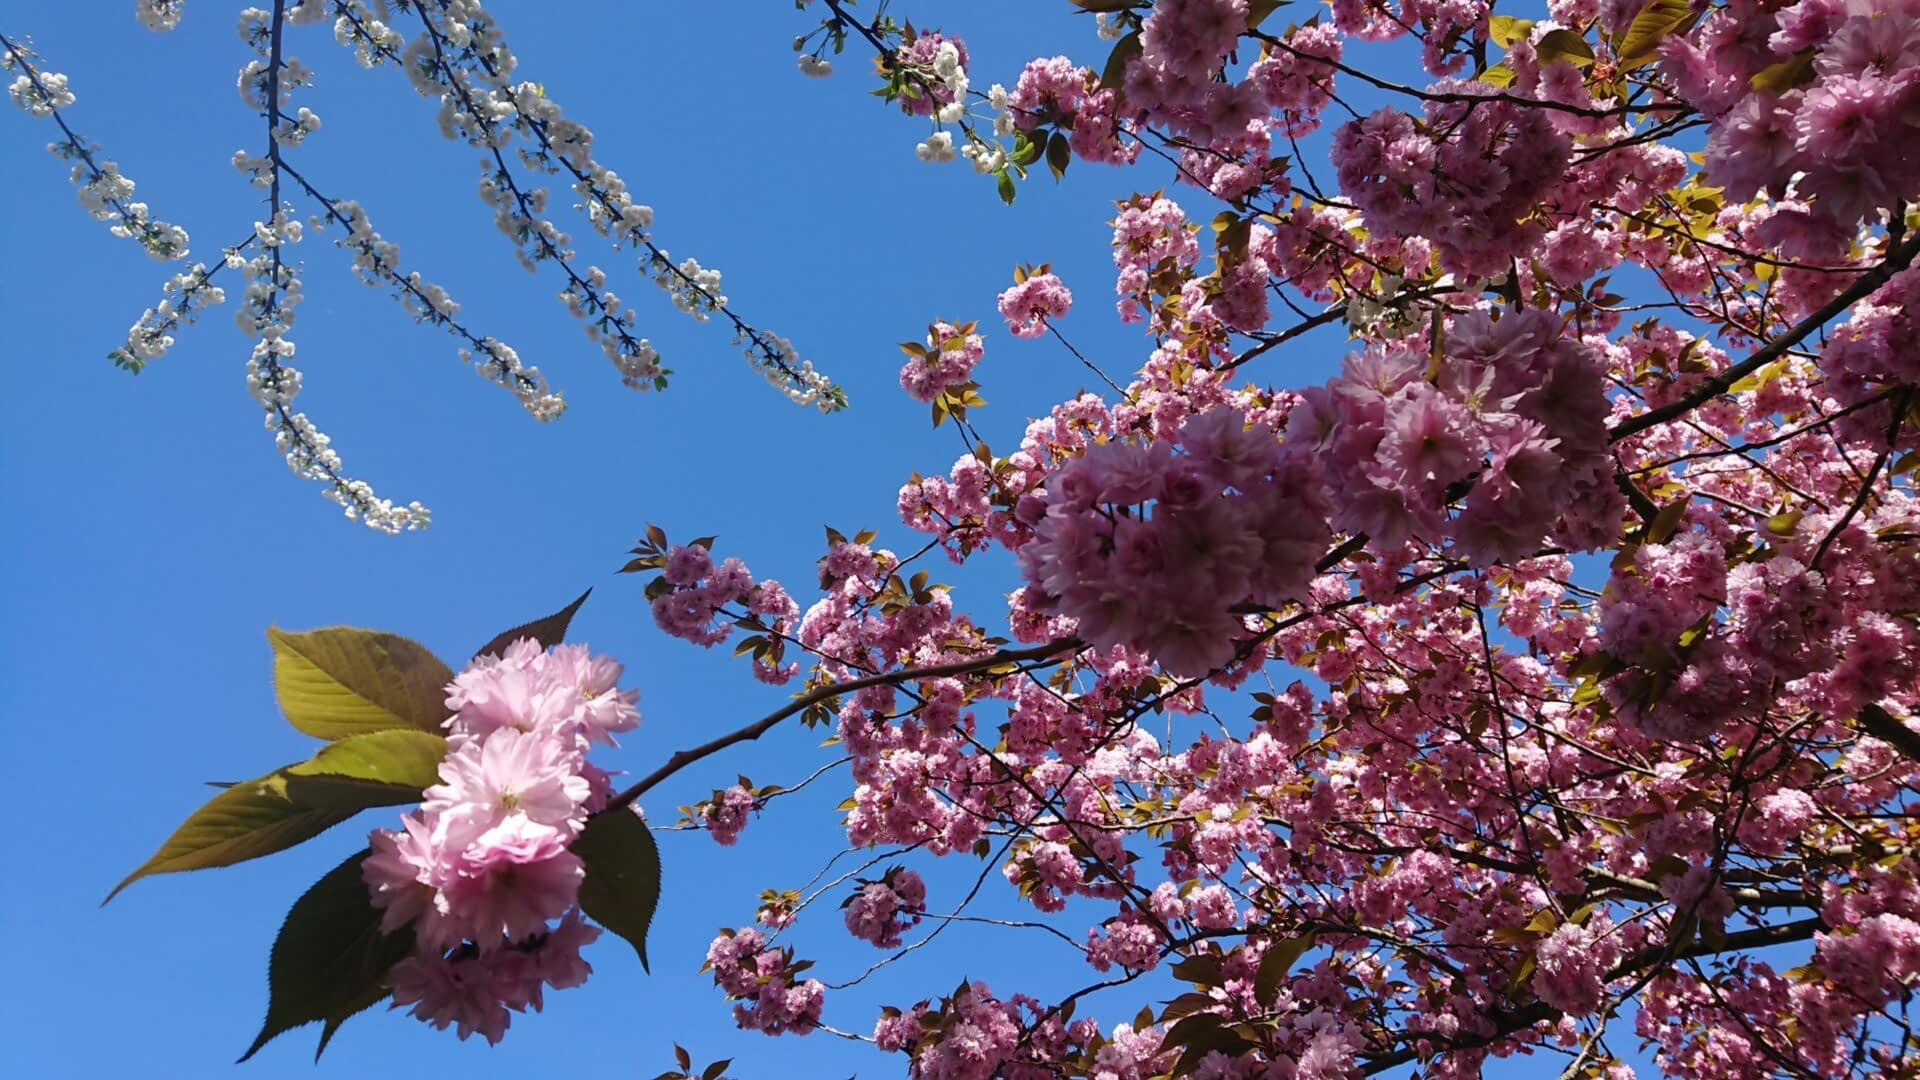 Prunus bloem in bloei - Traan en een Lach